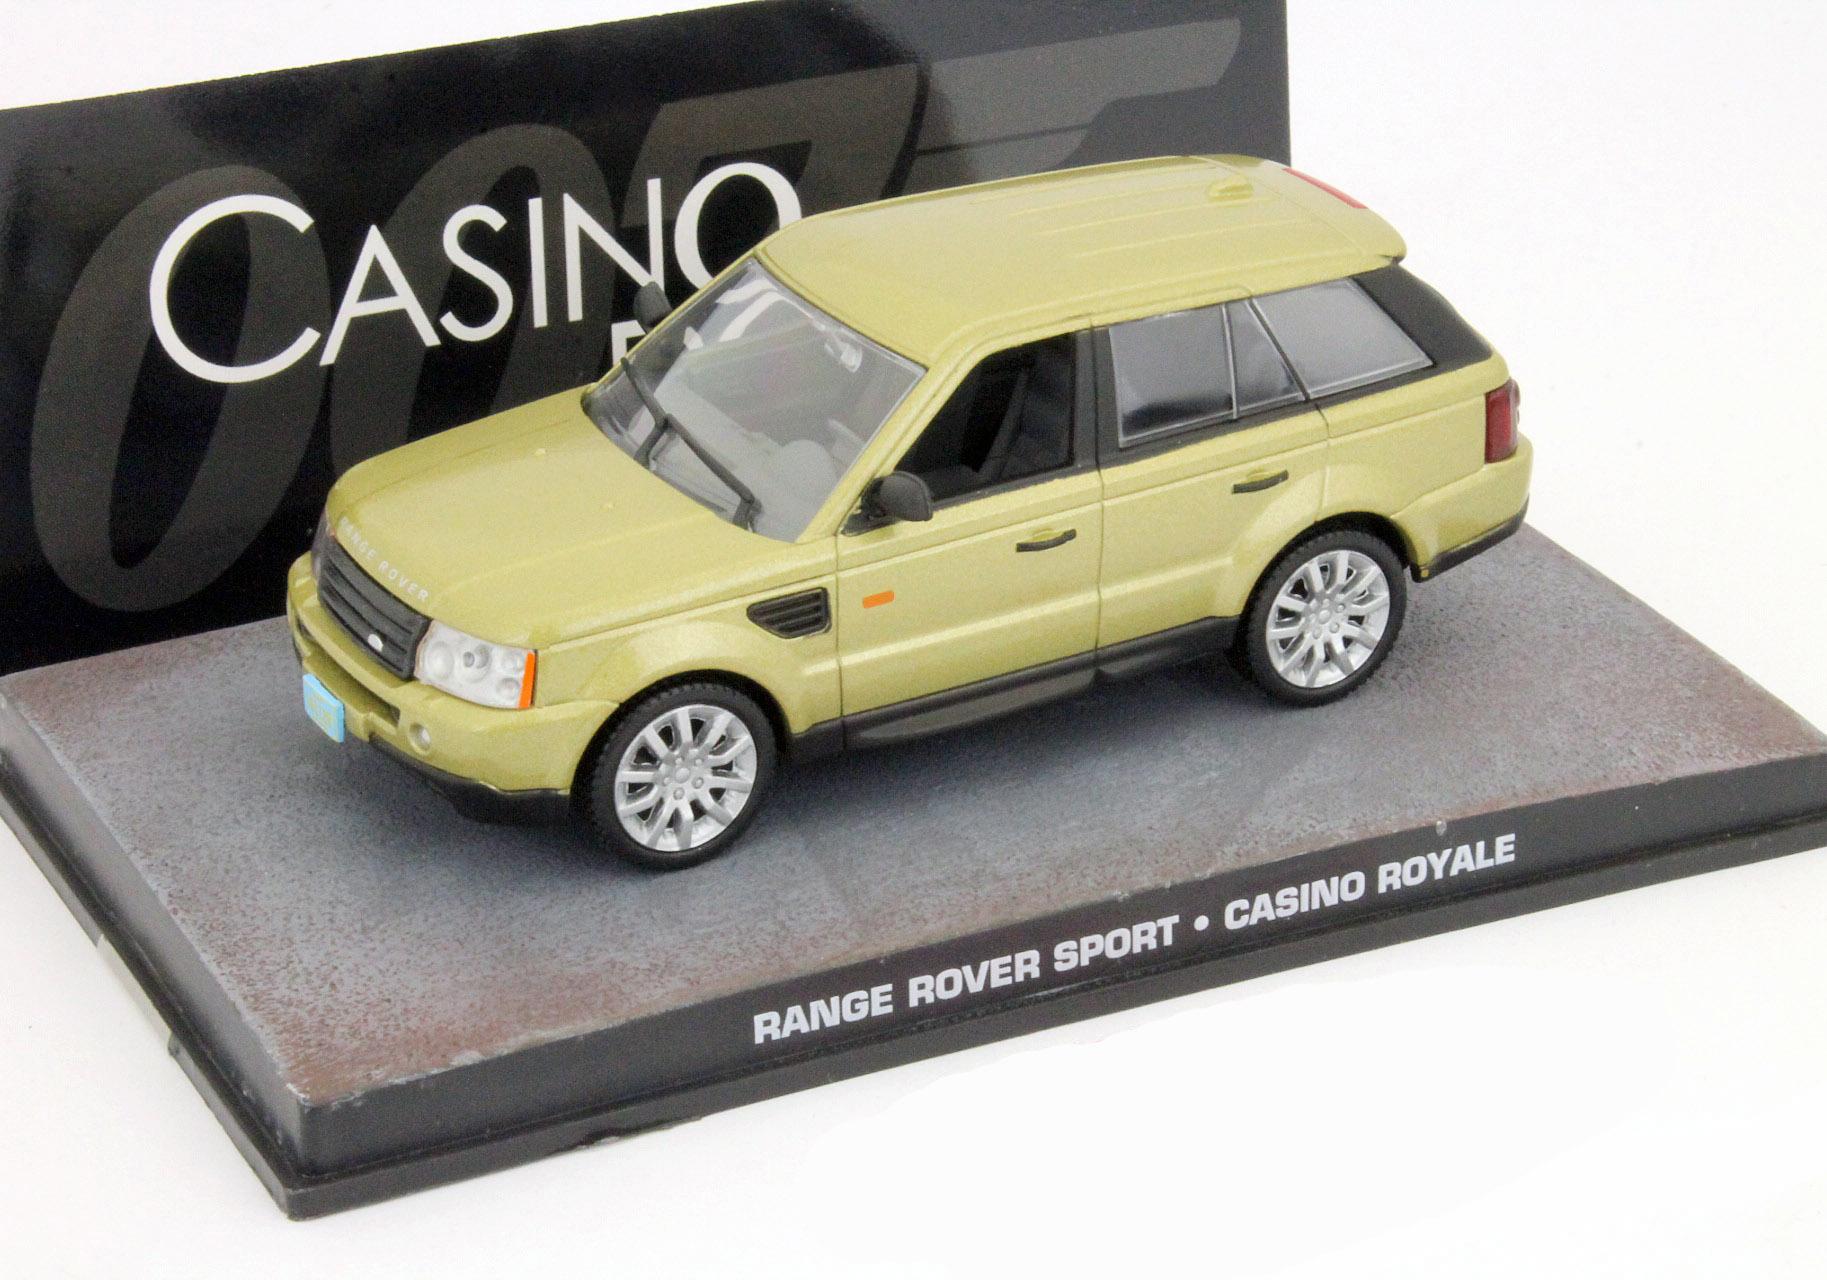 Range Rover Sport James Bond Coche de Película Casino Royale gold 1 43 Ixo